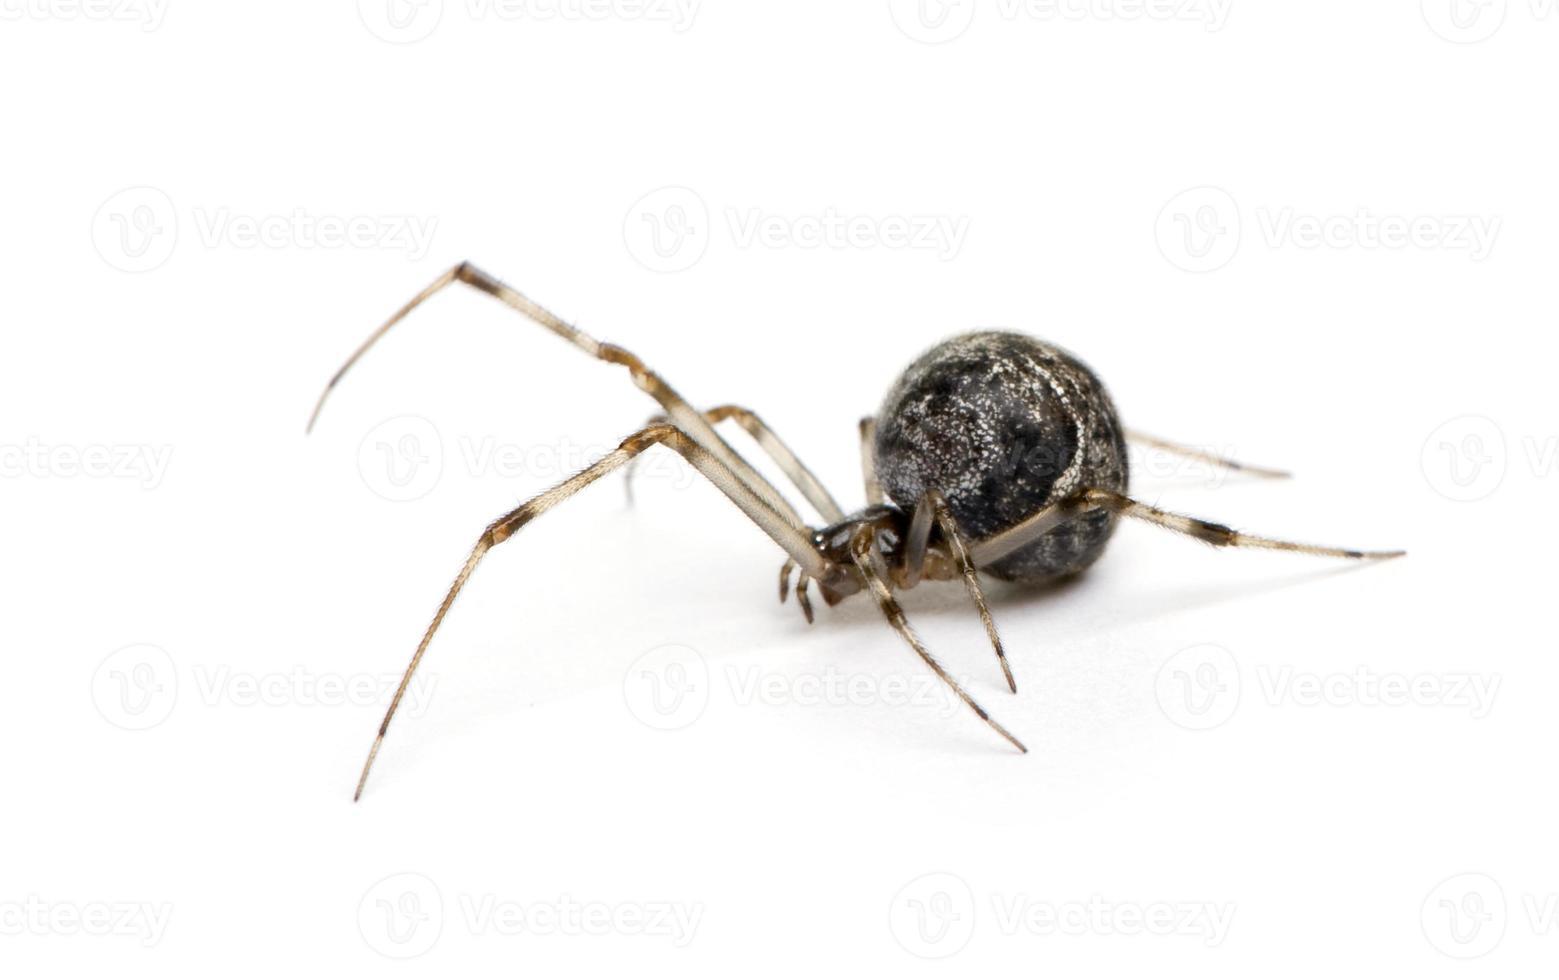 Araignée domestique commune - Achaearanea tepidariorum photo